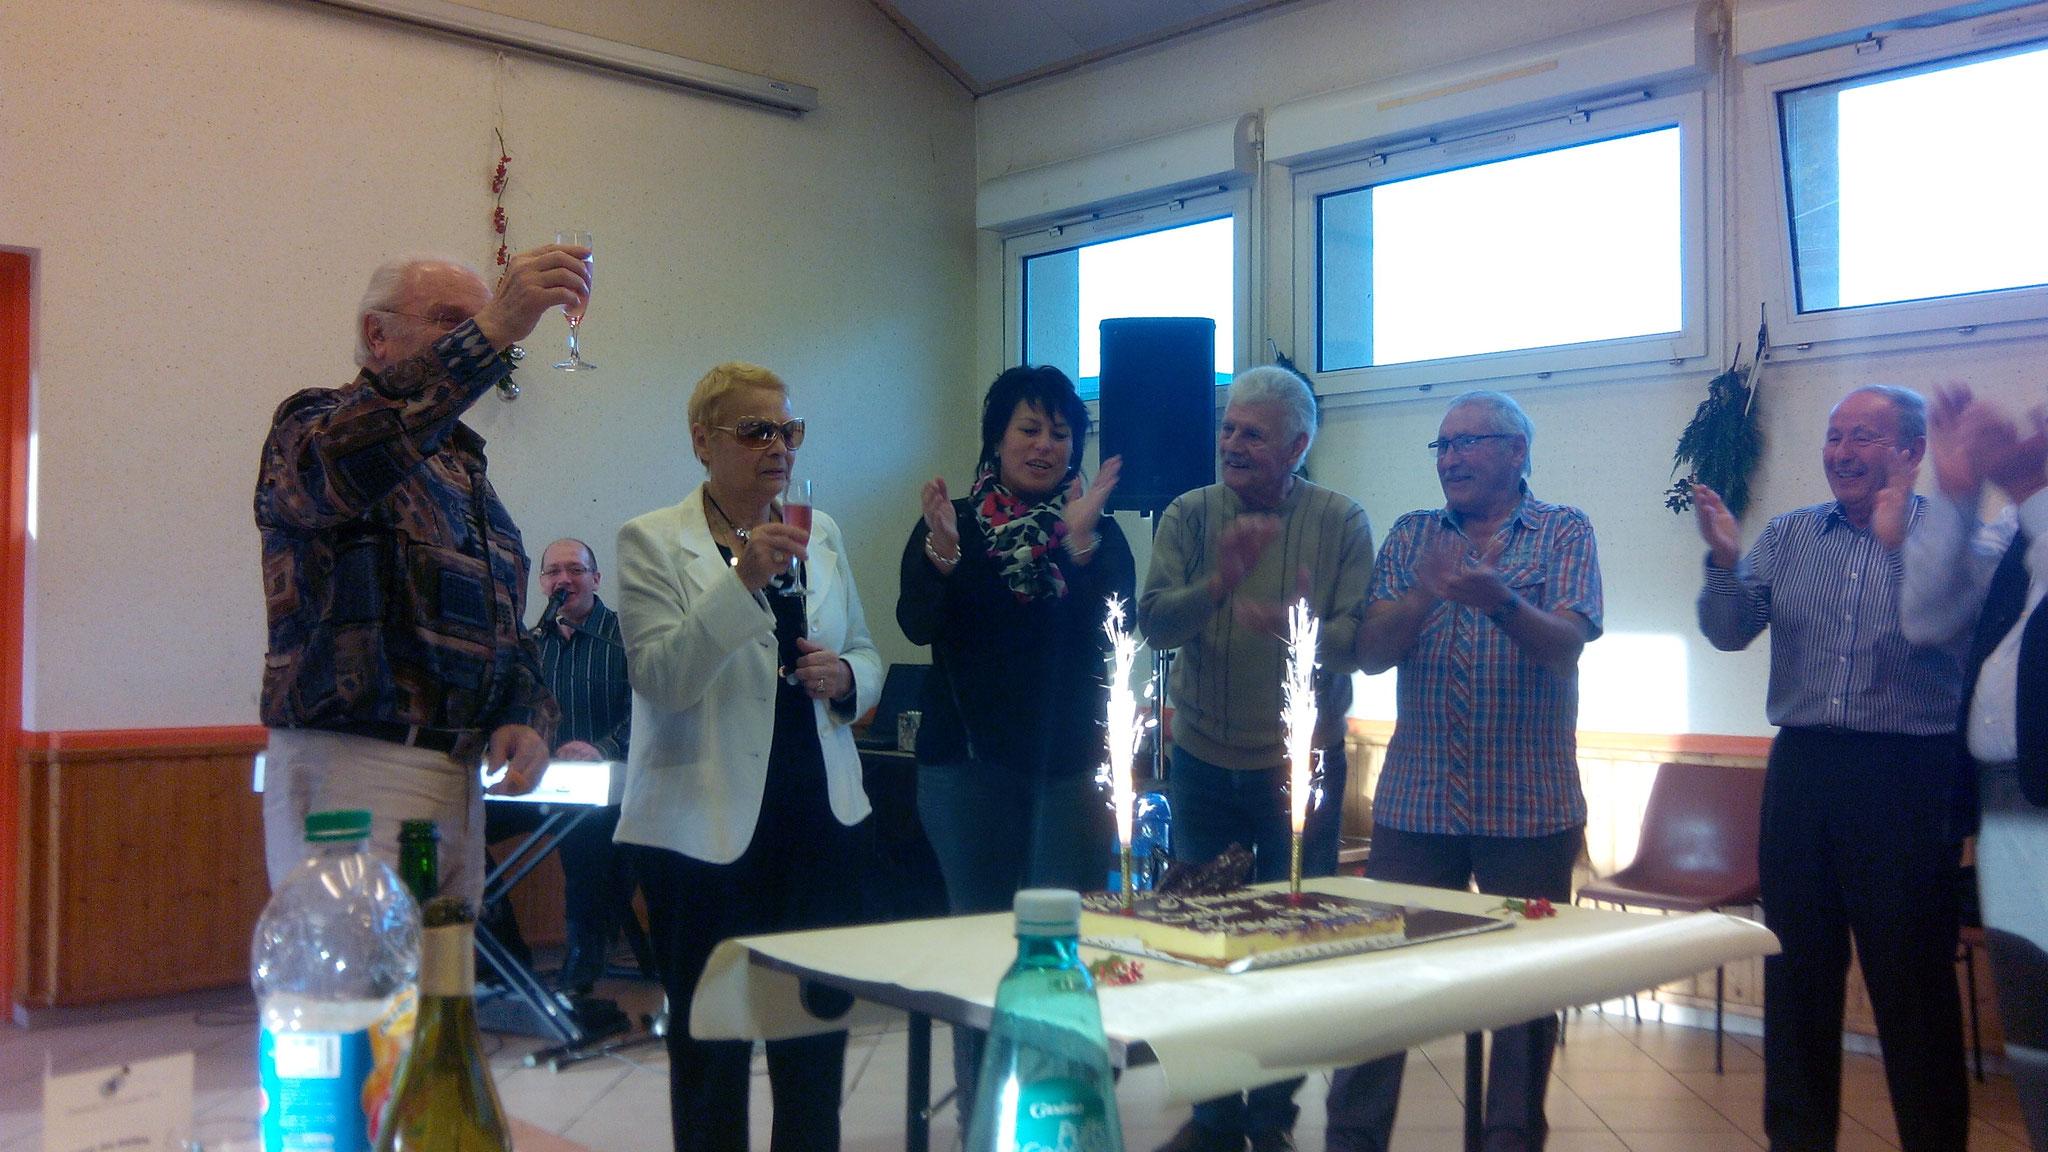 Repas des aînés, organisé par le CCAS, édition 2014- autre photo.